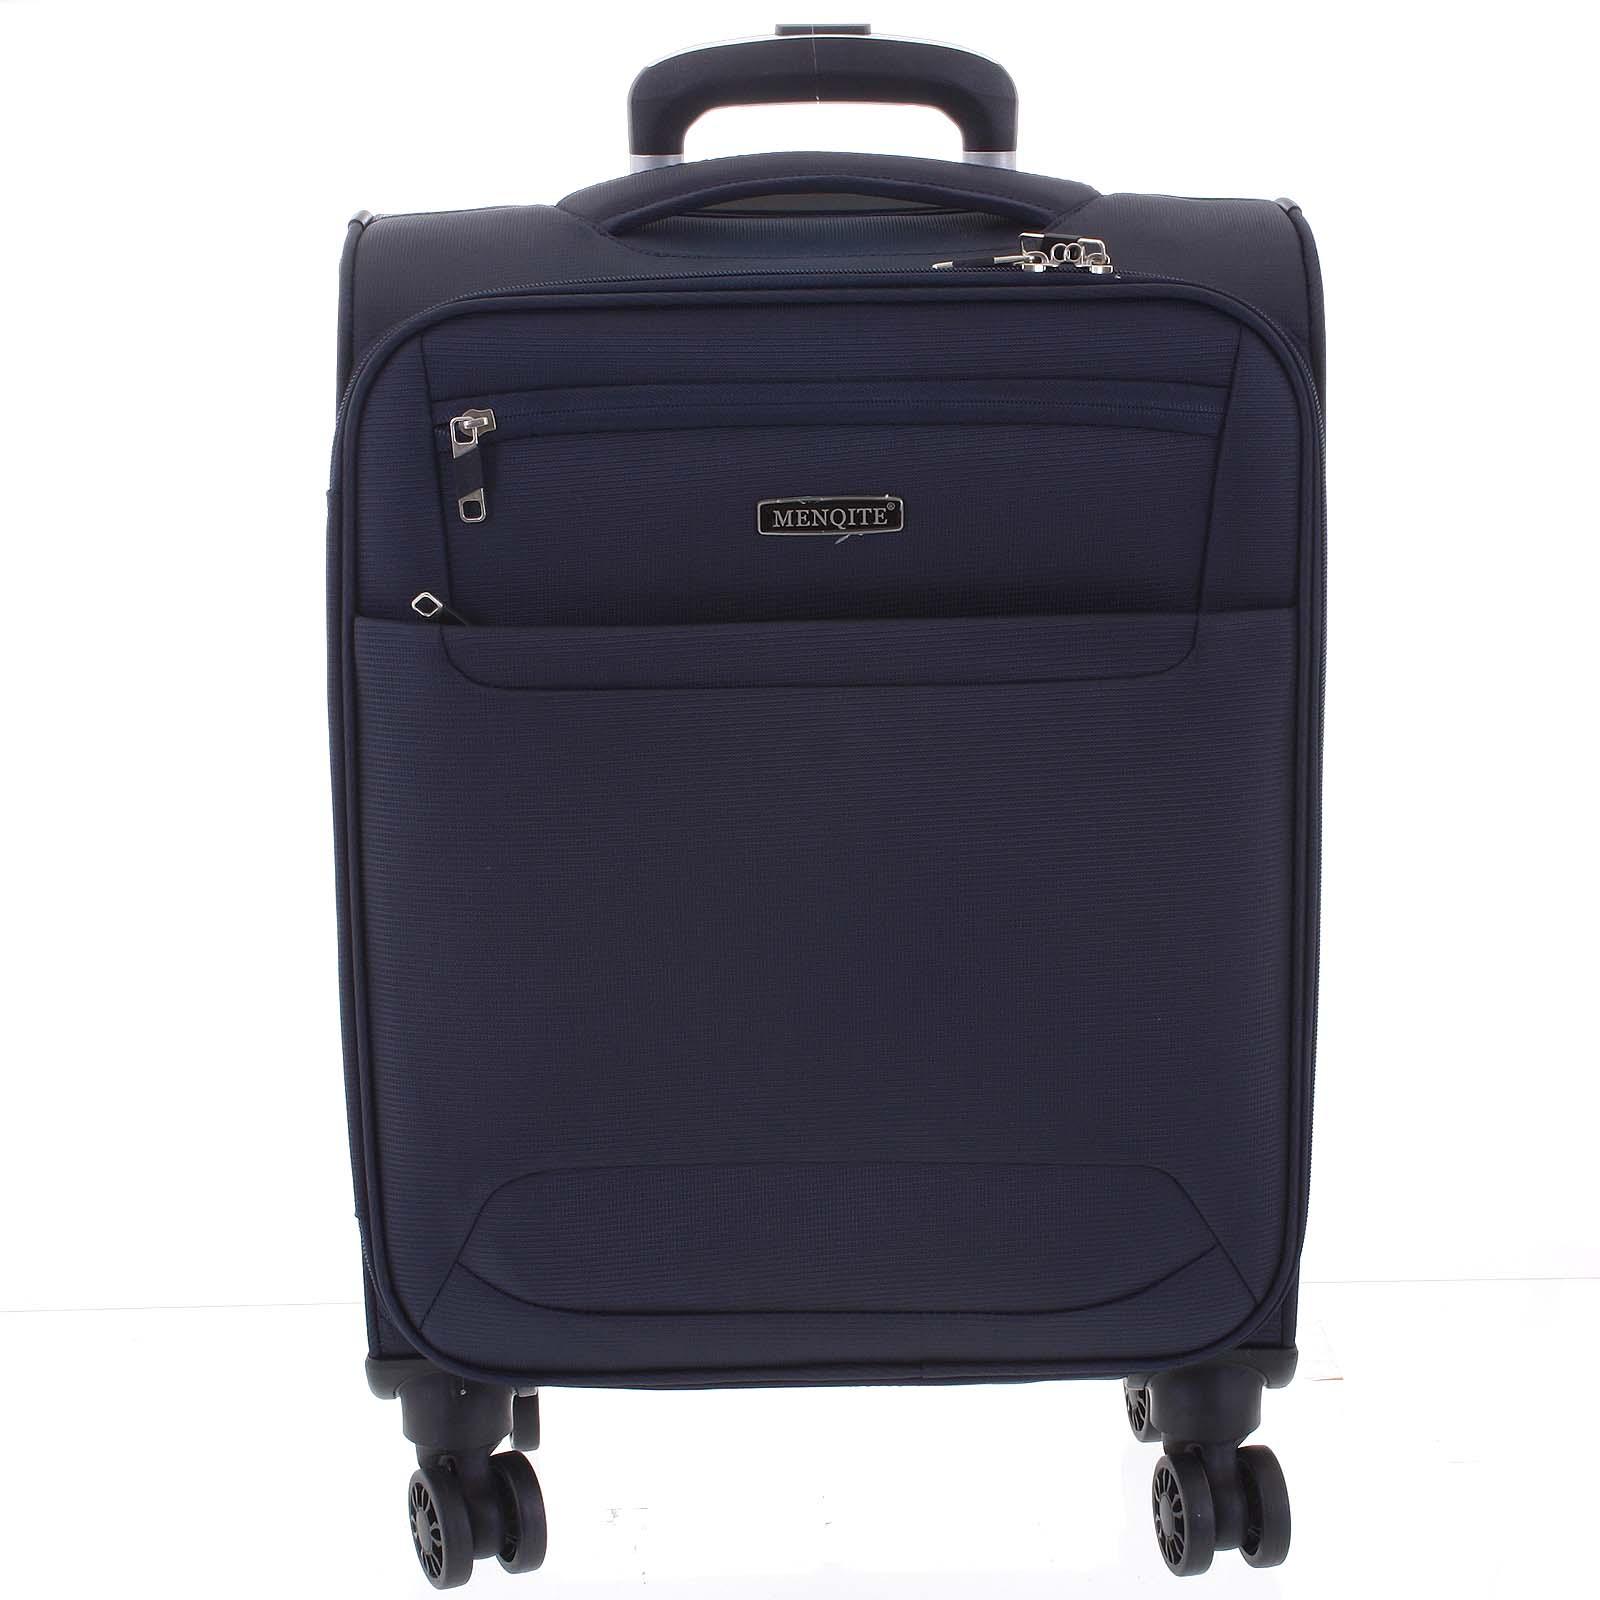 Nadčasový lehký látkový cestovní kufr tmavě modrý - Menqite Timeless M